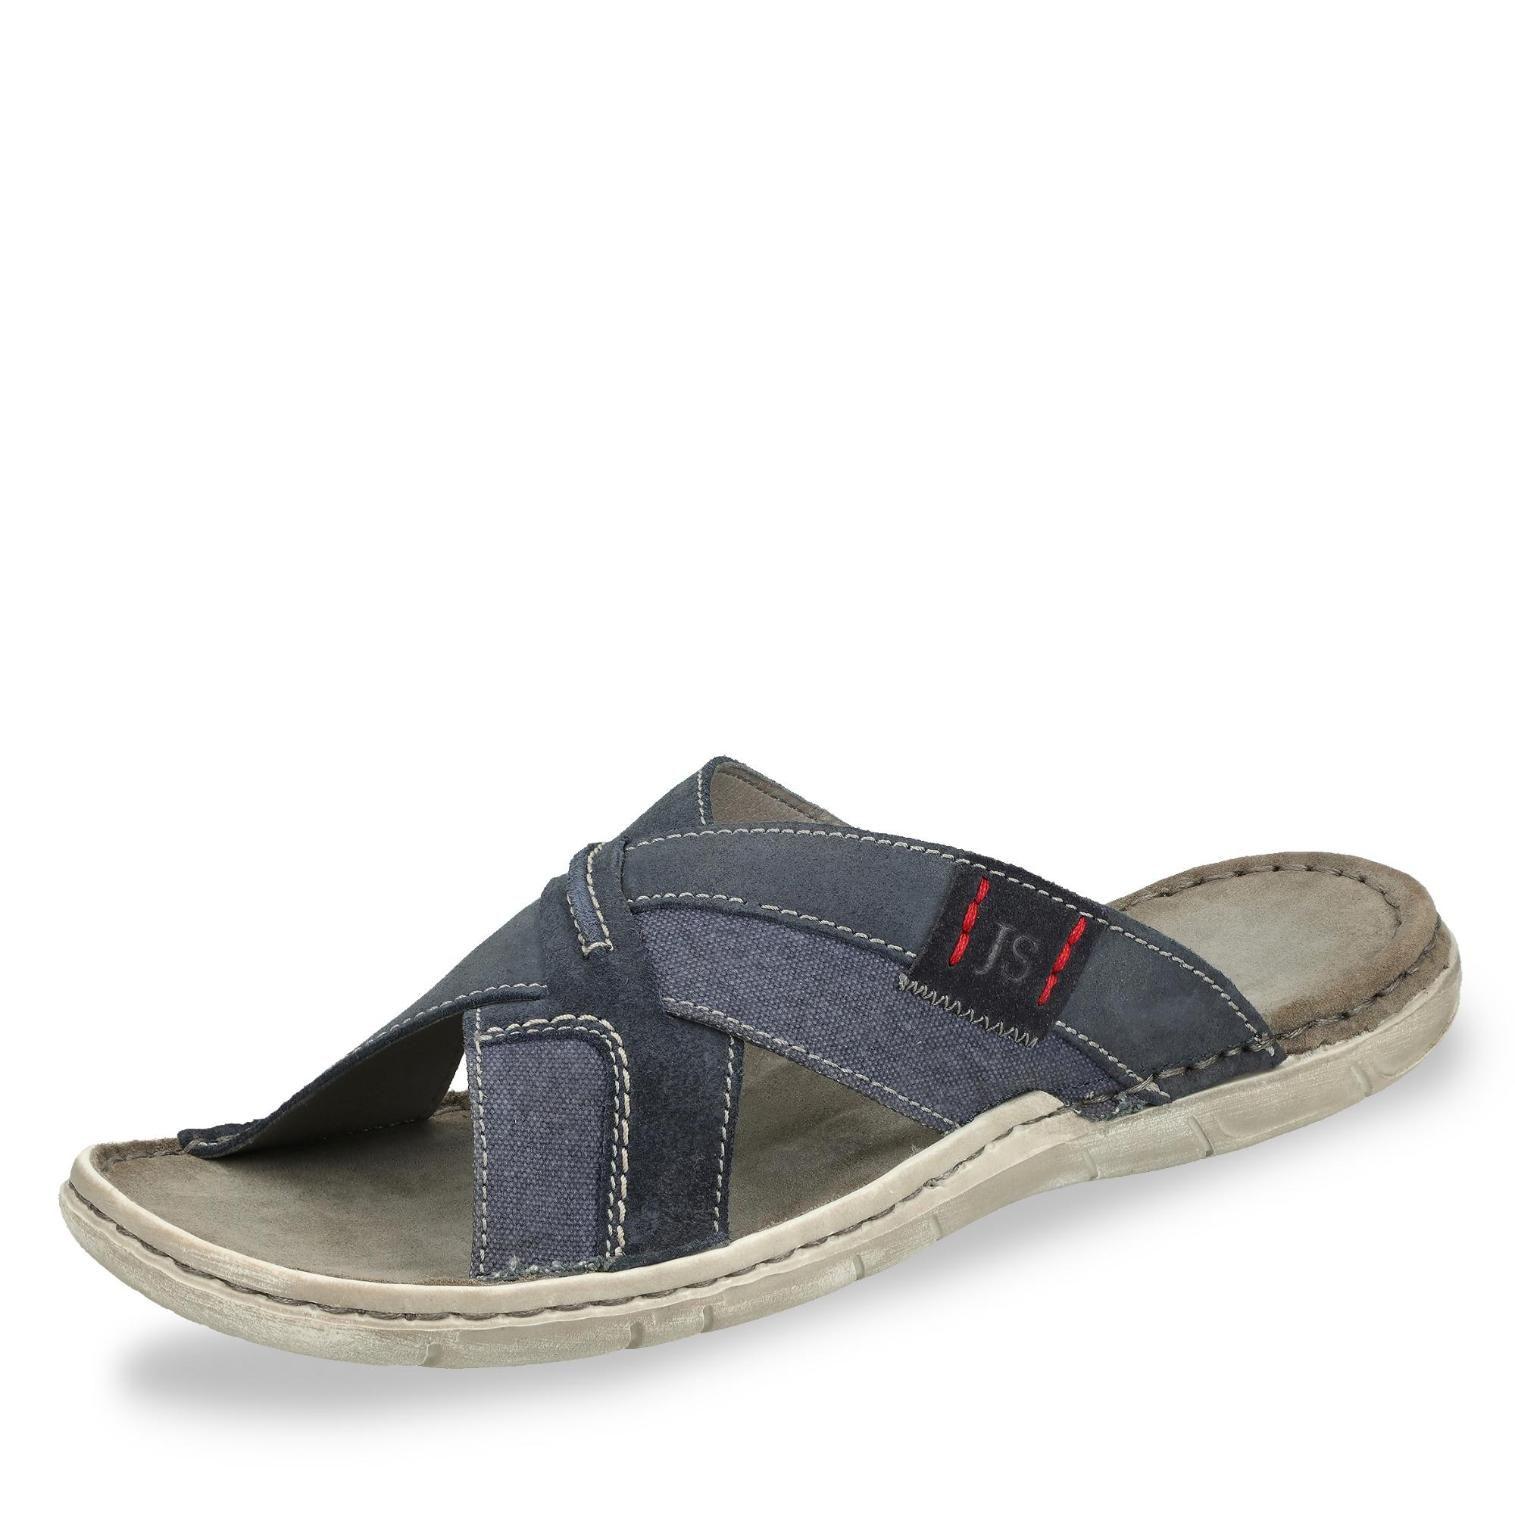 online store f5dc1 51a93 Josef Seibel Pantolette di 2019 | Unisex sandals | Shoes ...